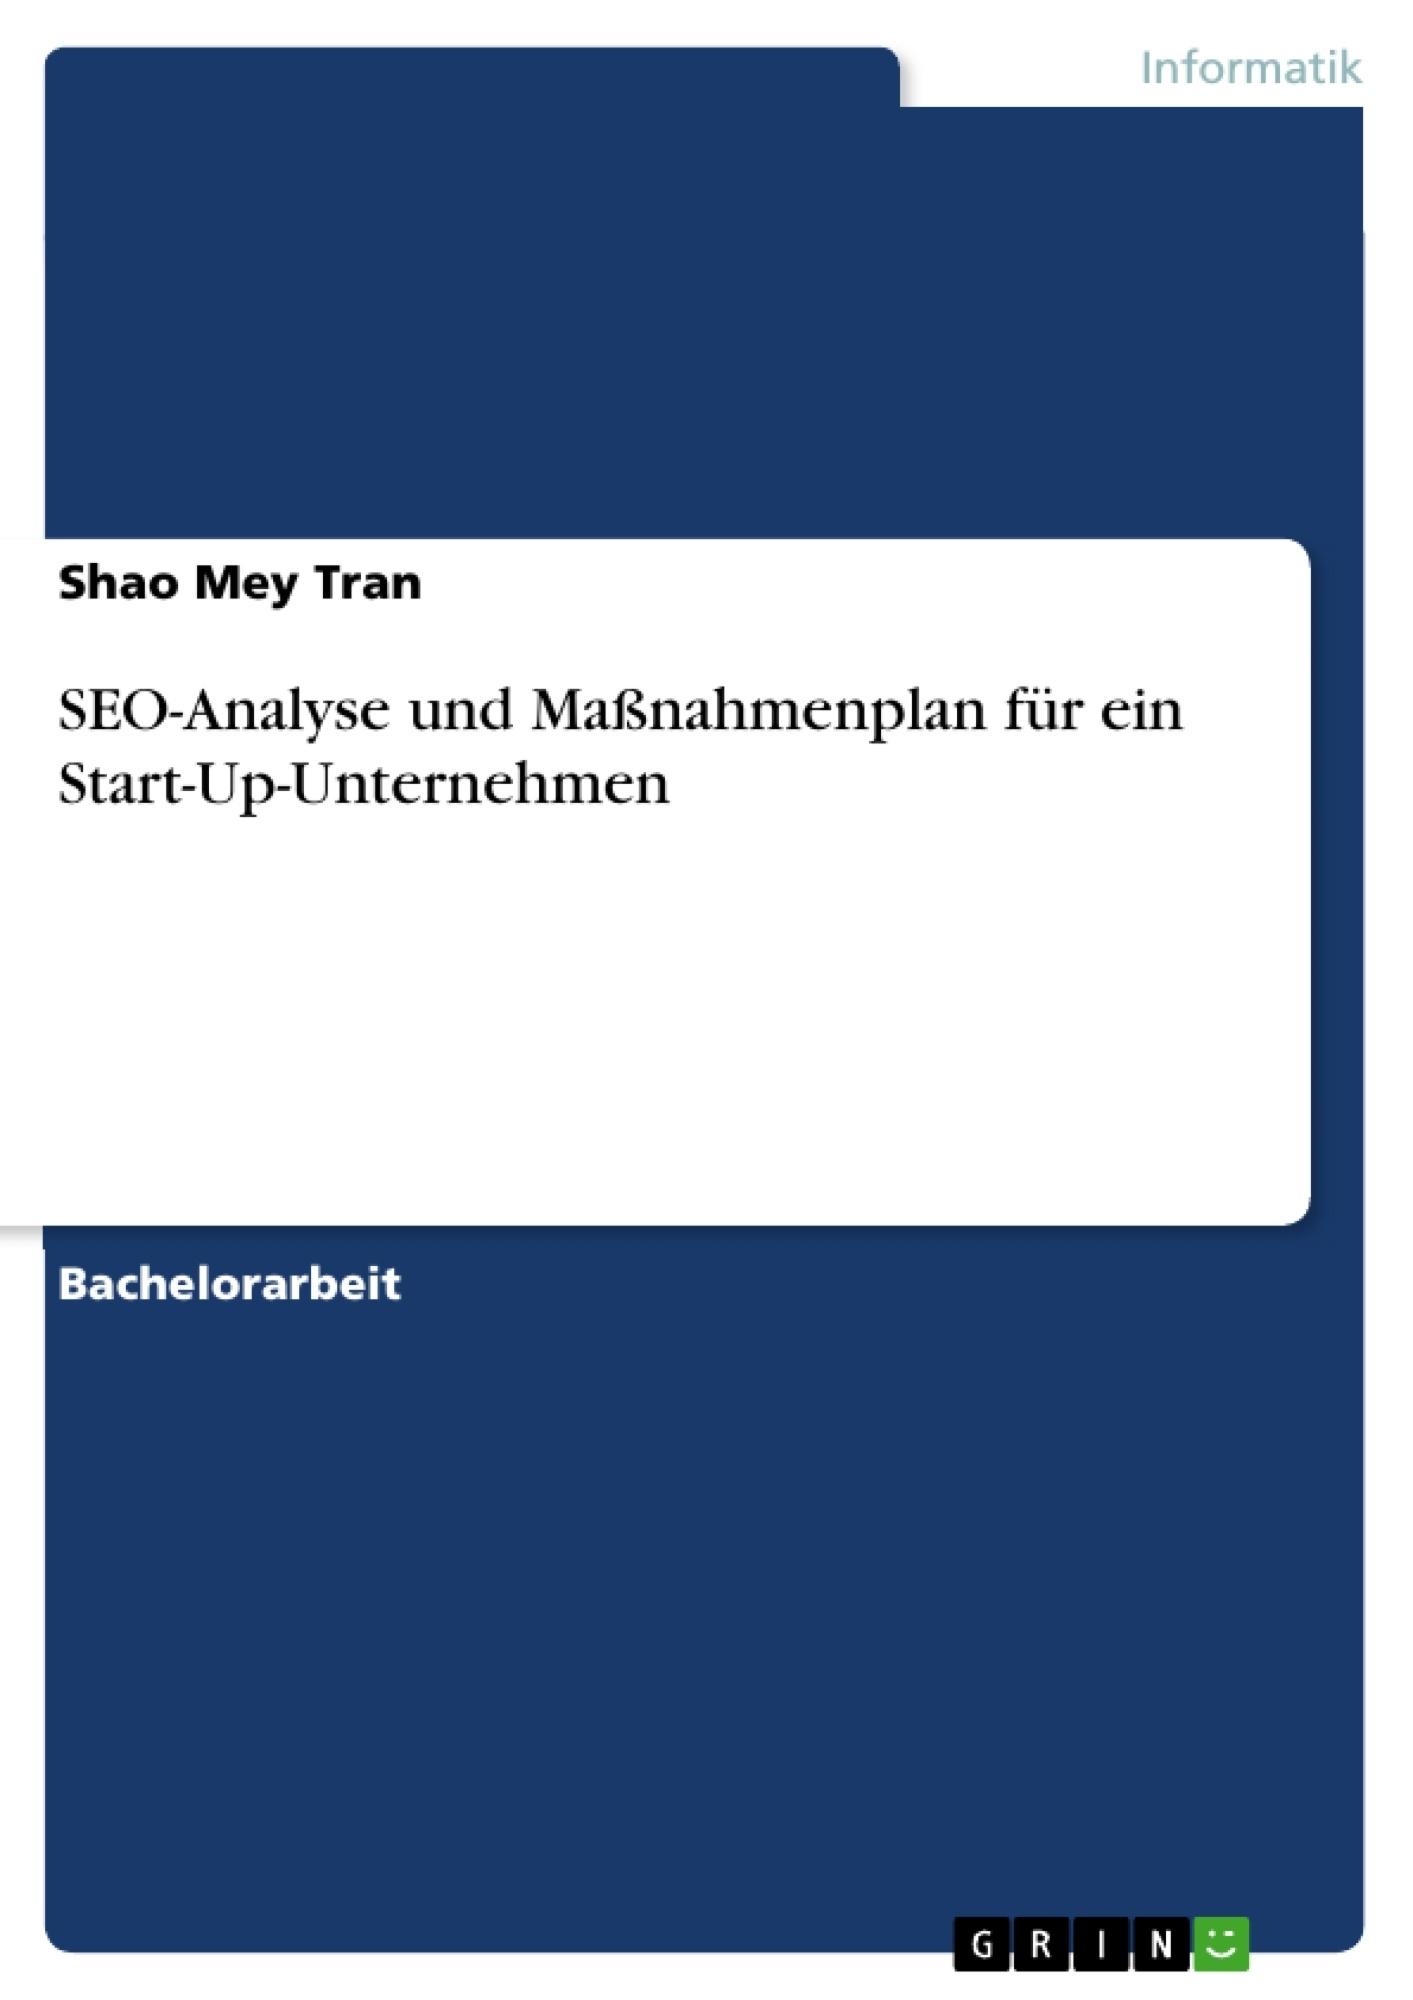 Titel: SEO-Analyse und Maßnahmenplan für ein Start-Up-Unternehmen